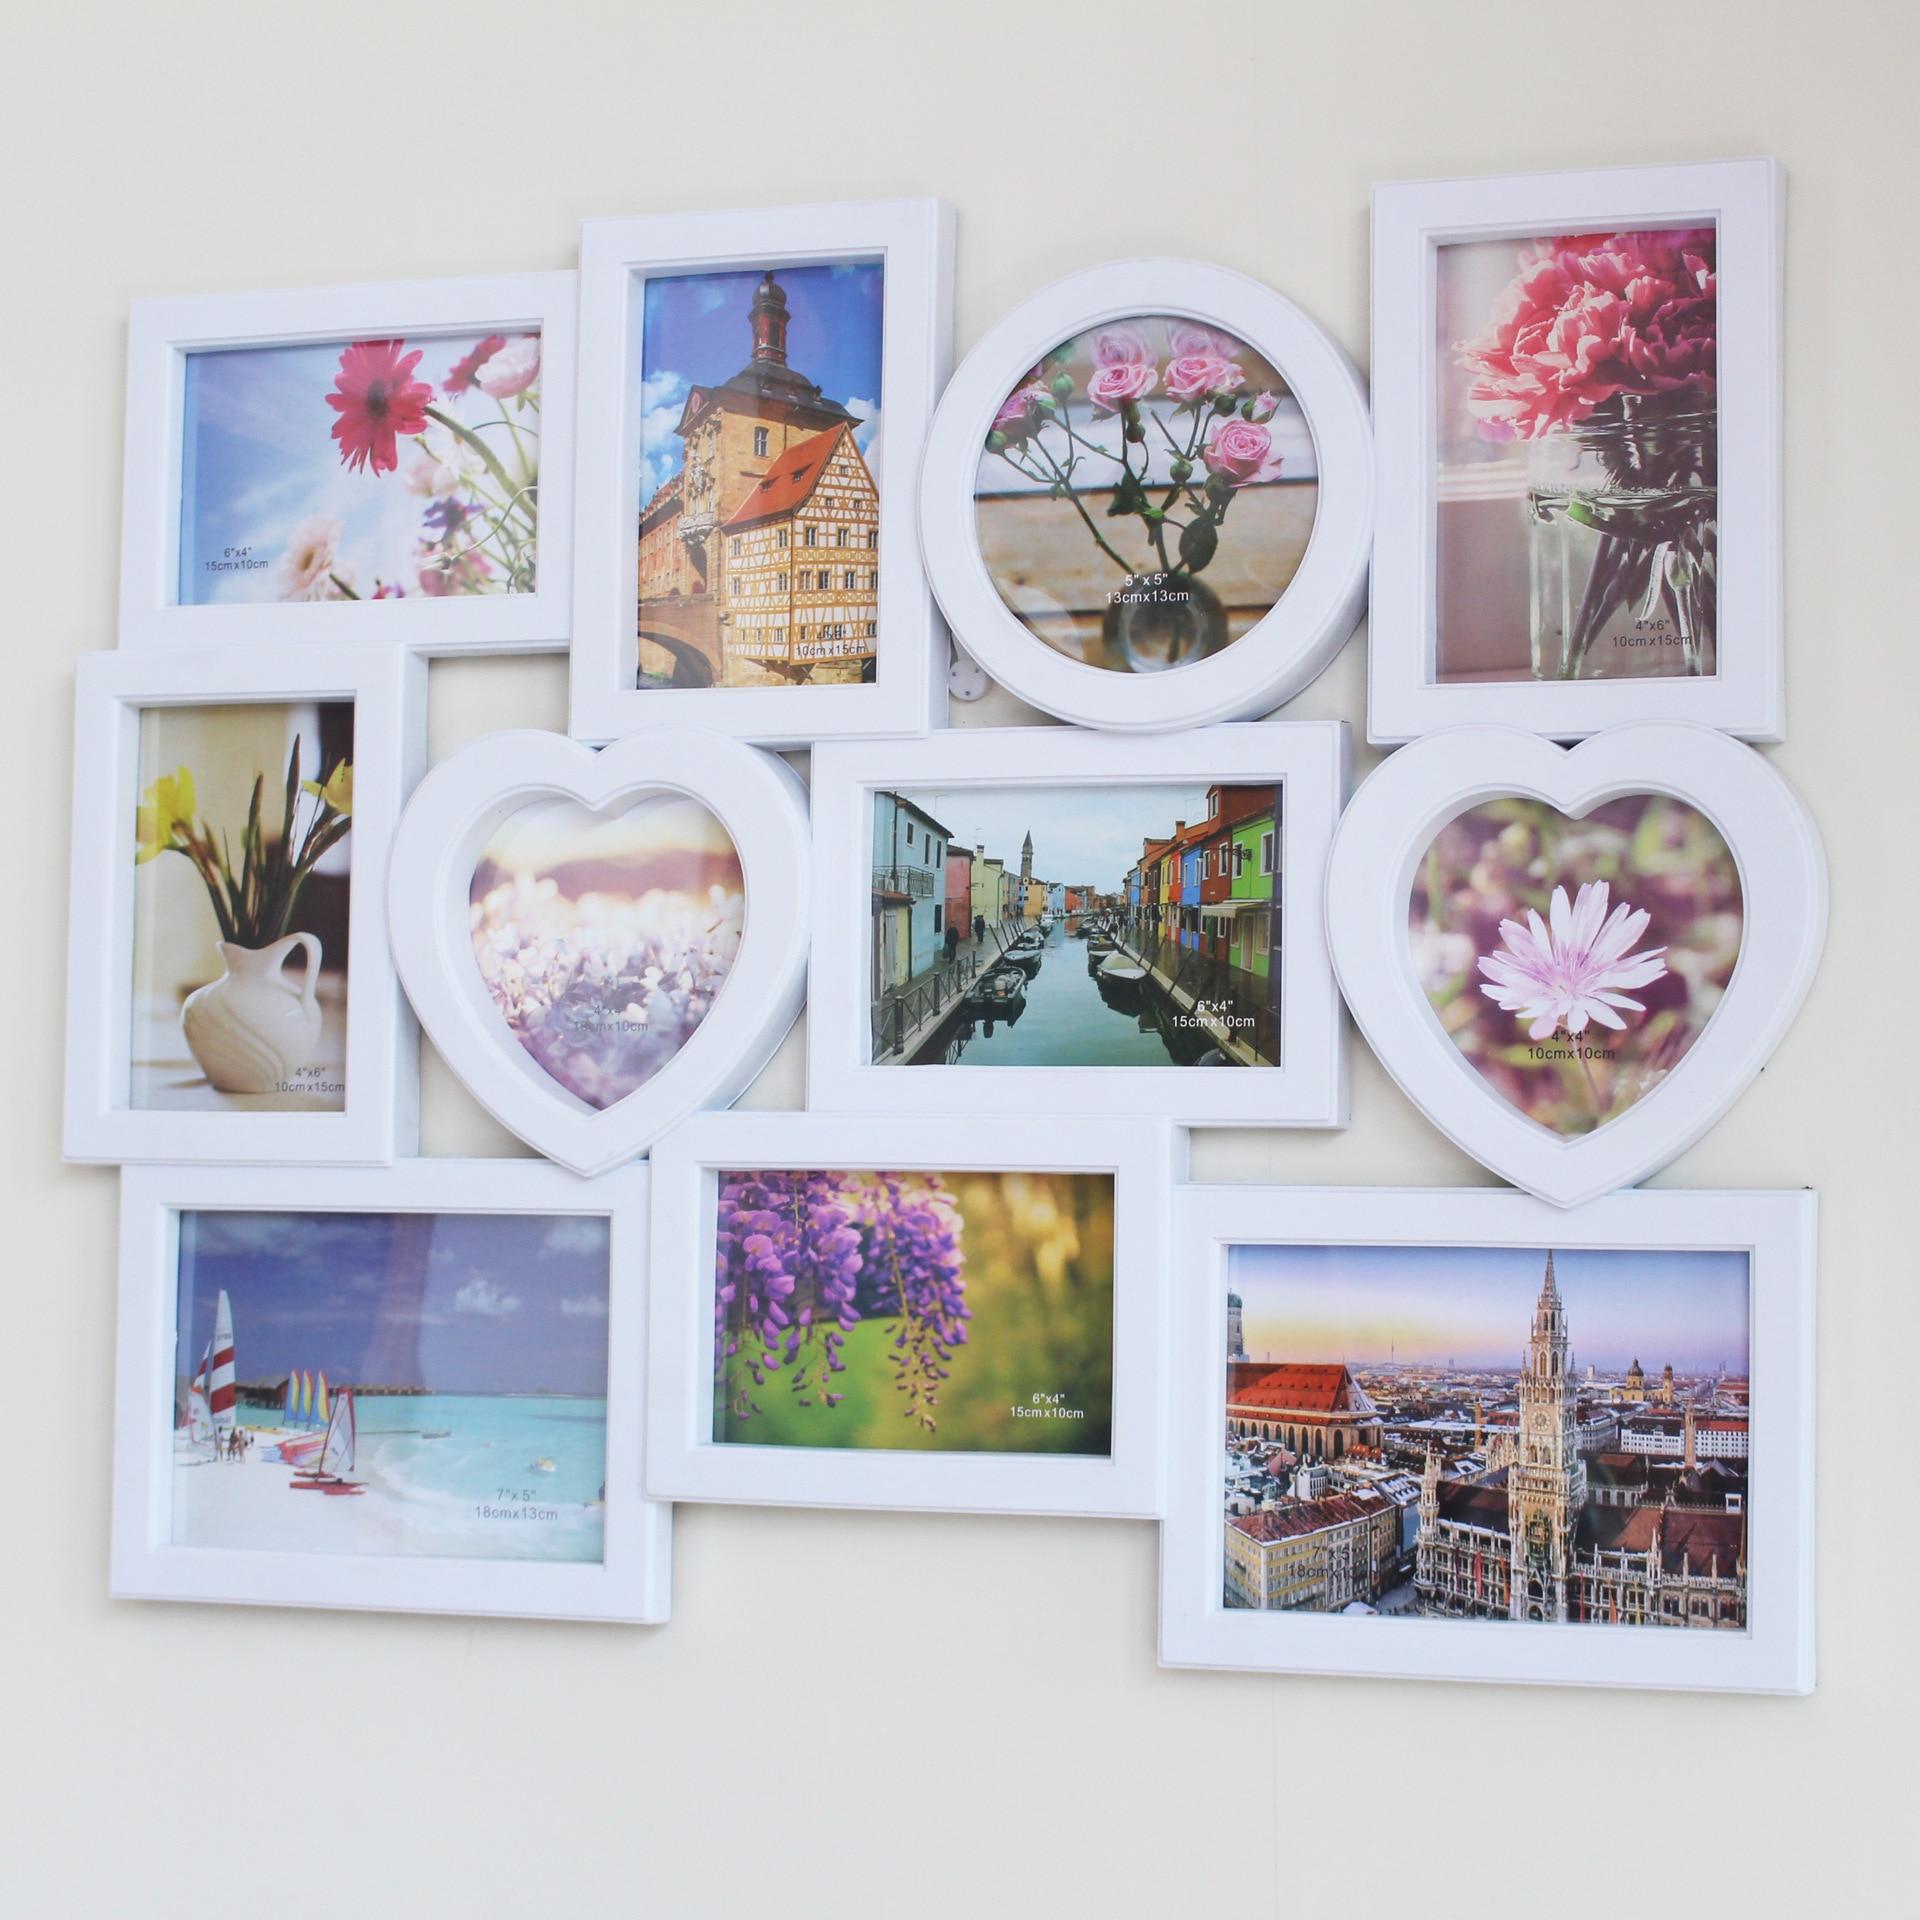 Offre spéciale Date Nouveau Gros Studio Combinaison cadre Photo Creative Mixte mur de photos En Plastique Simple robe de mariage Art Photo